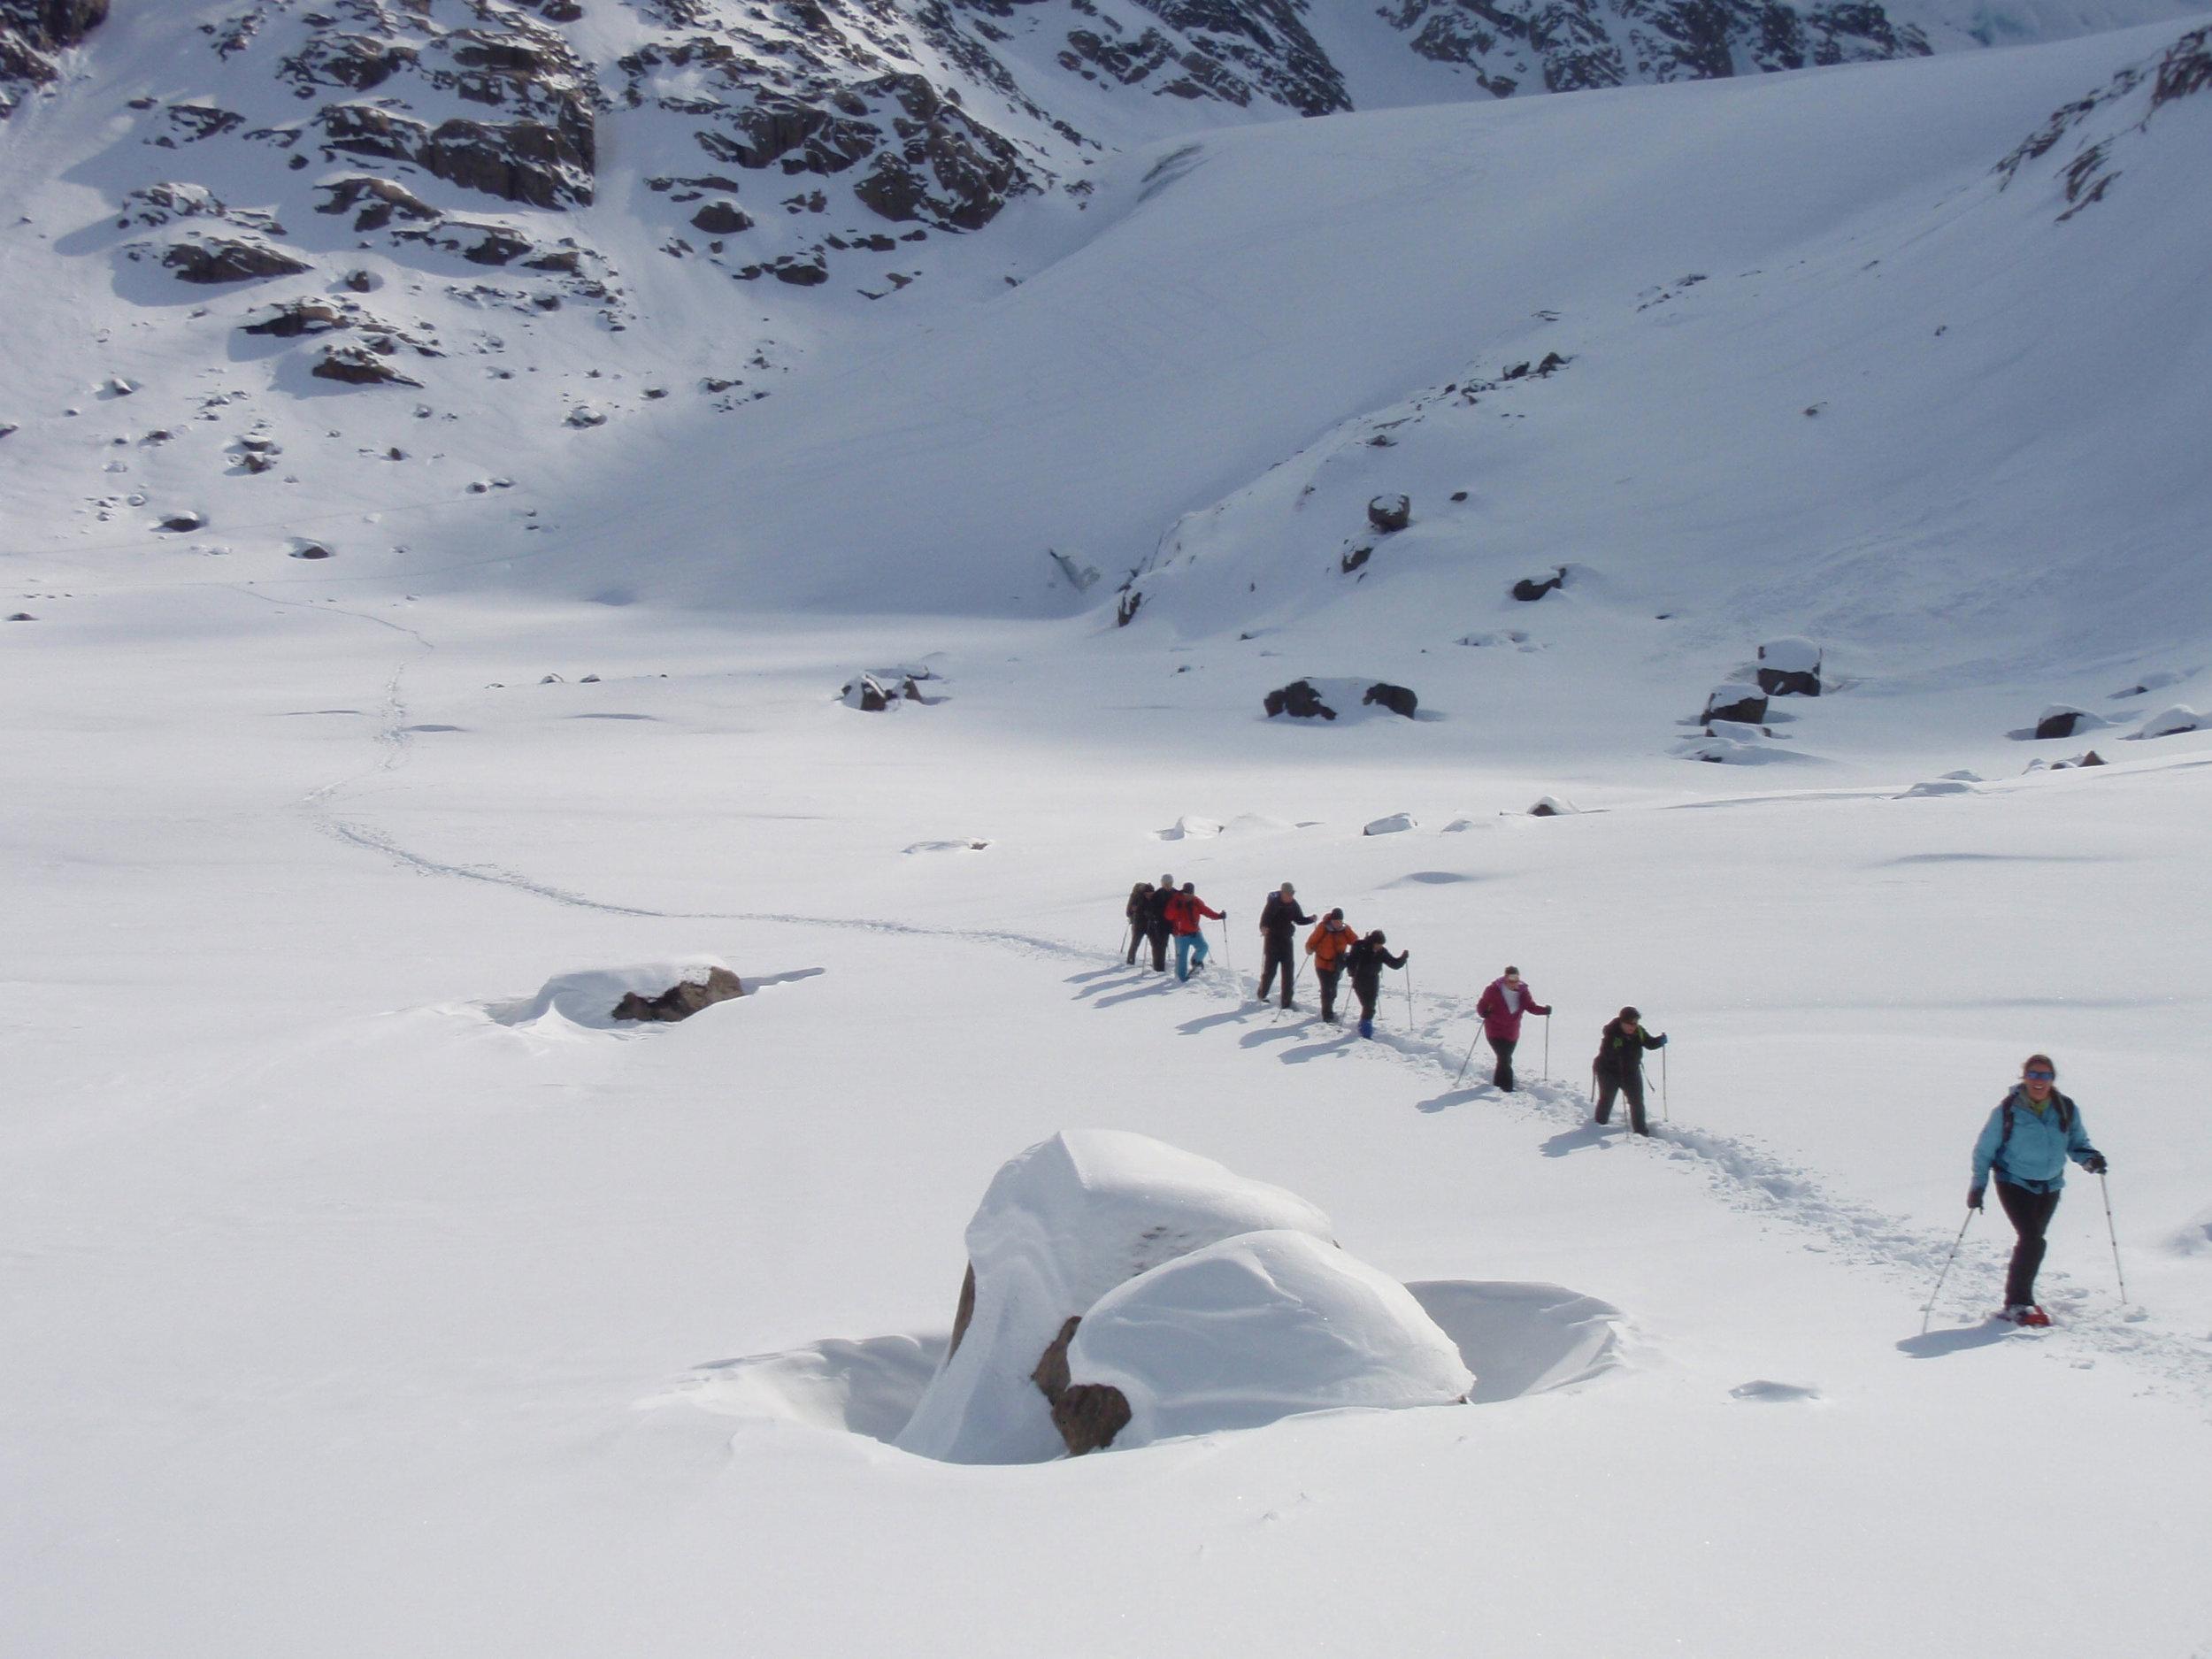 RVR-GREENLAND-Snowshoe-walking-on-Hamborgarland-2-c-Florian-Piper.jpg_Florian-Piper.jpg